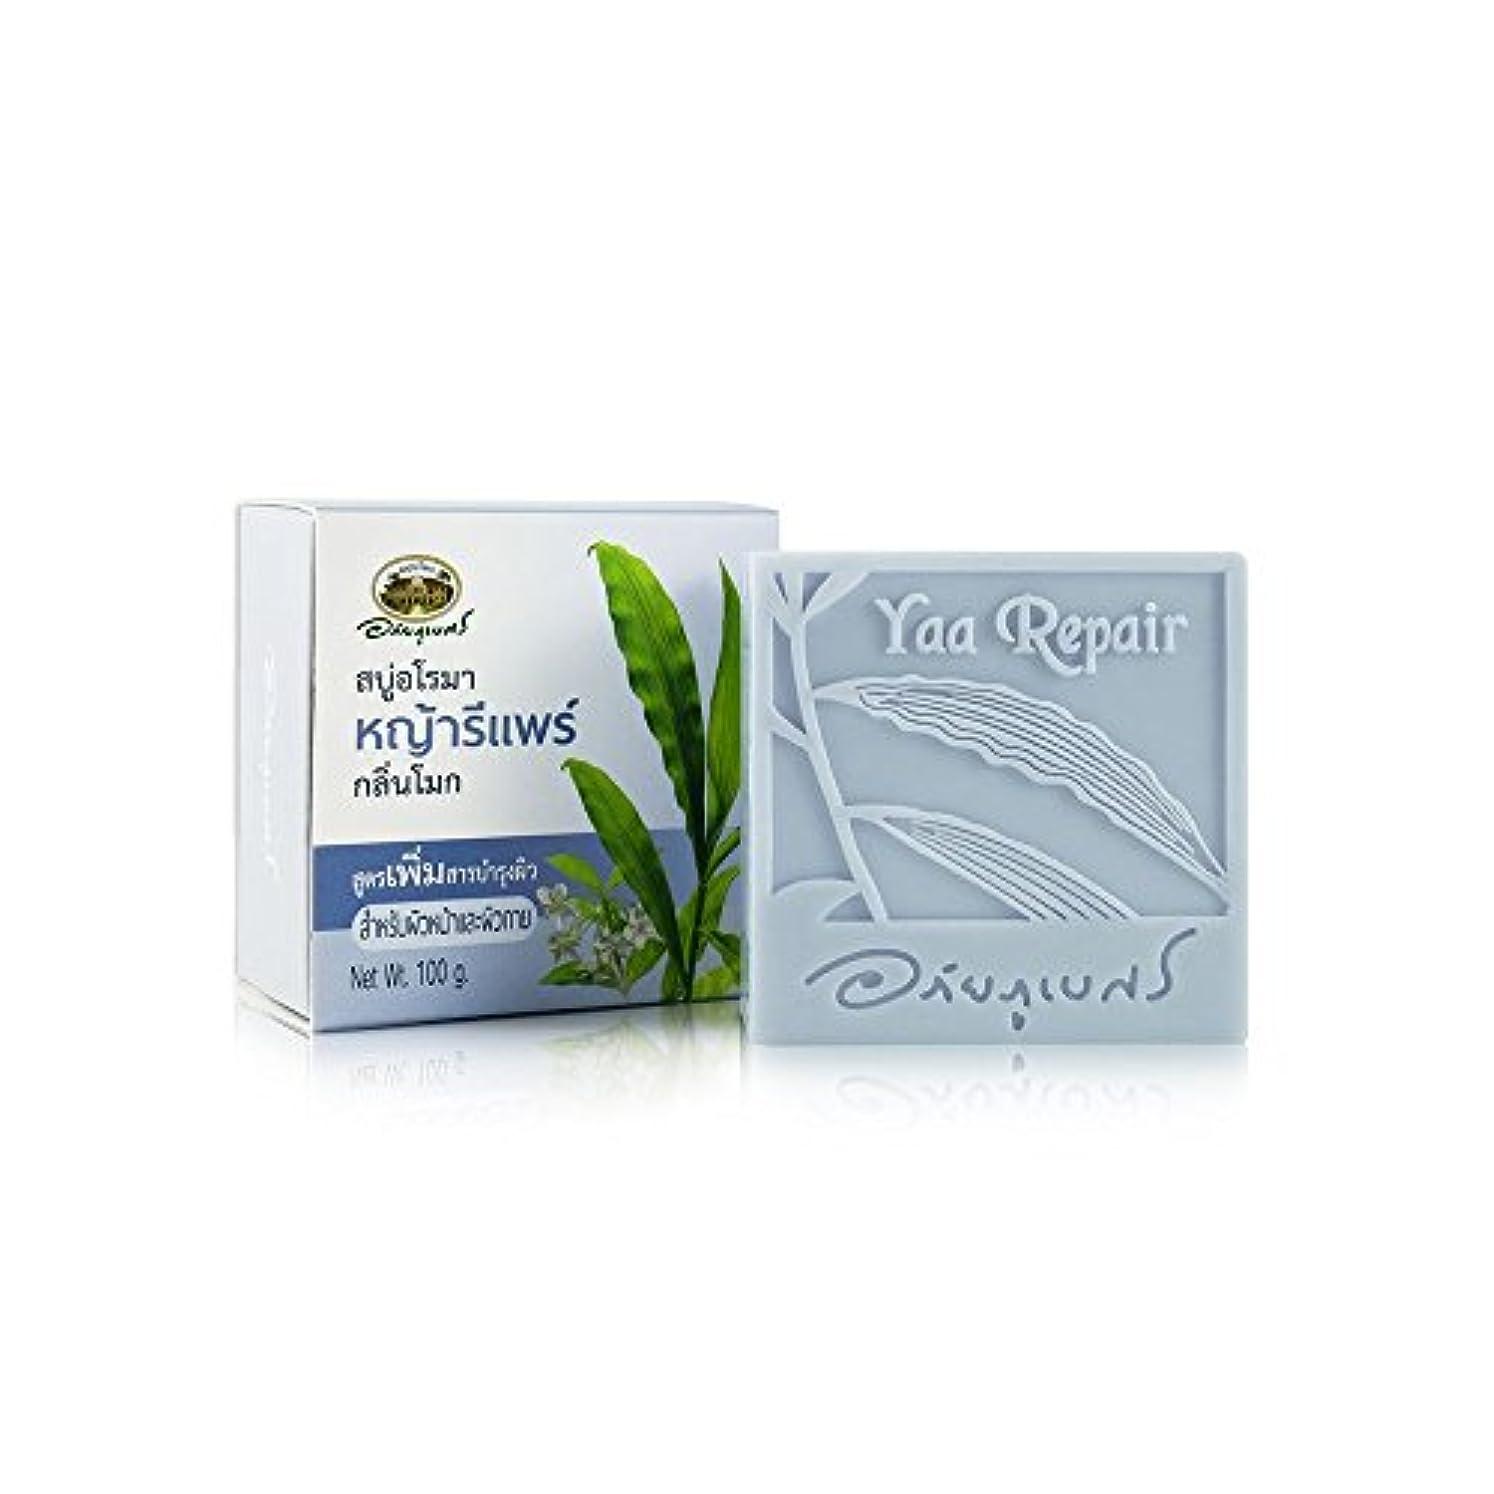 キャベツブロックする涙Abhaibhubejhr Thai Aromatherapy With Moke Flower Skin Care Formula Herbal Body Face Cleaning Soap 100g. Abhaibhubejhr...